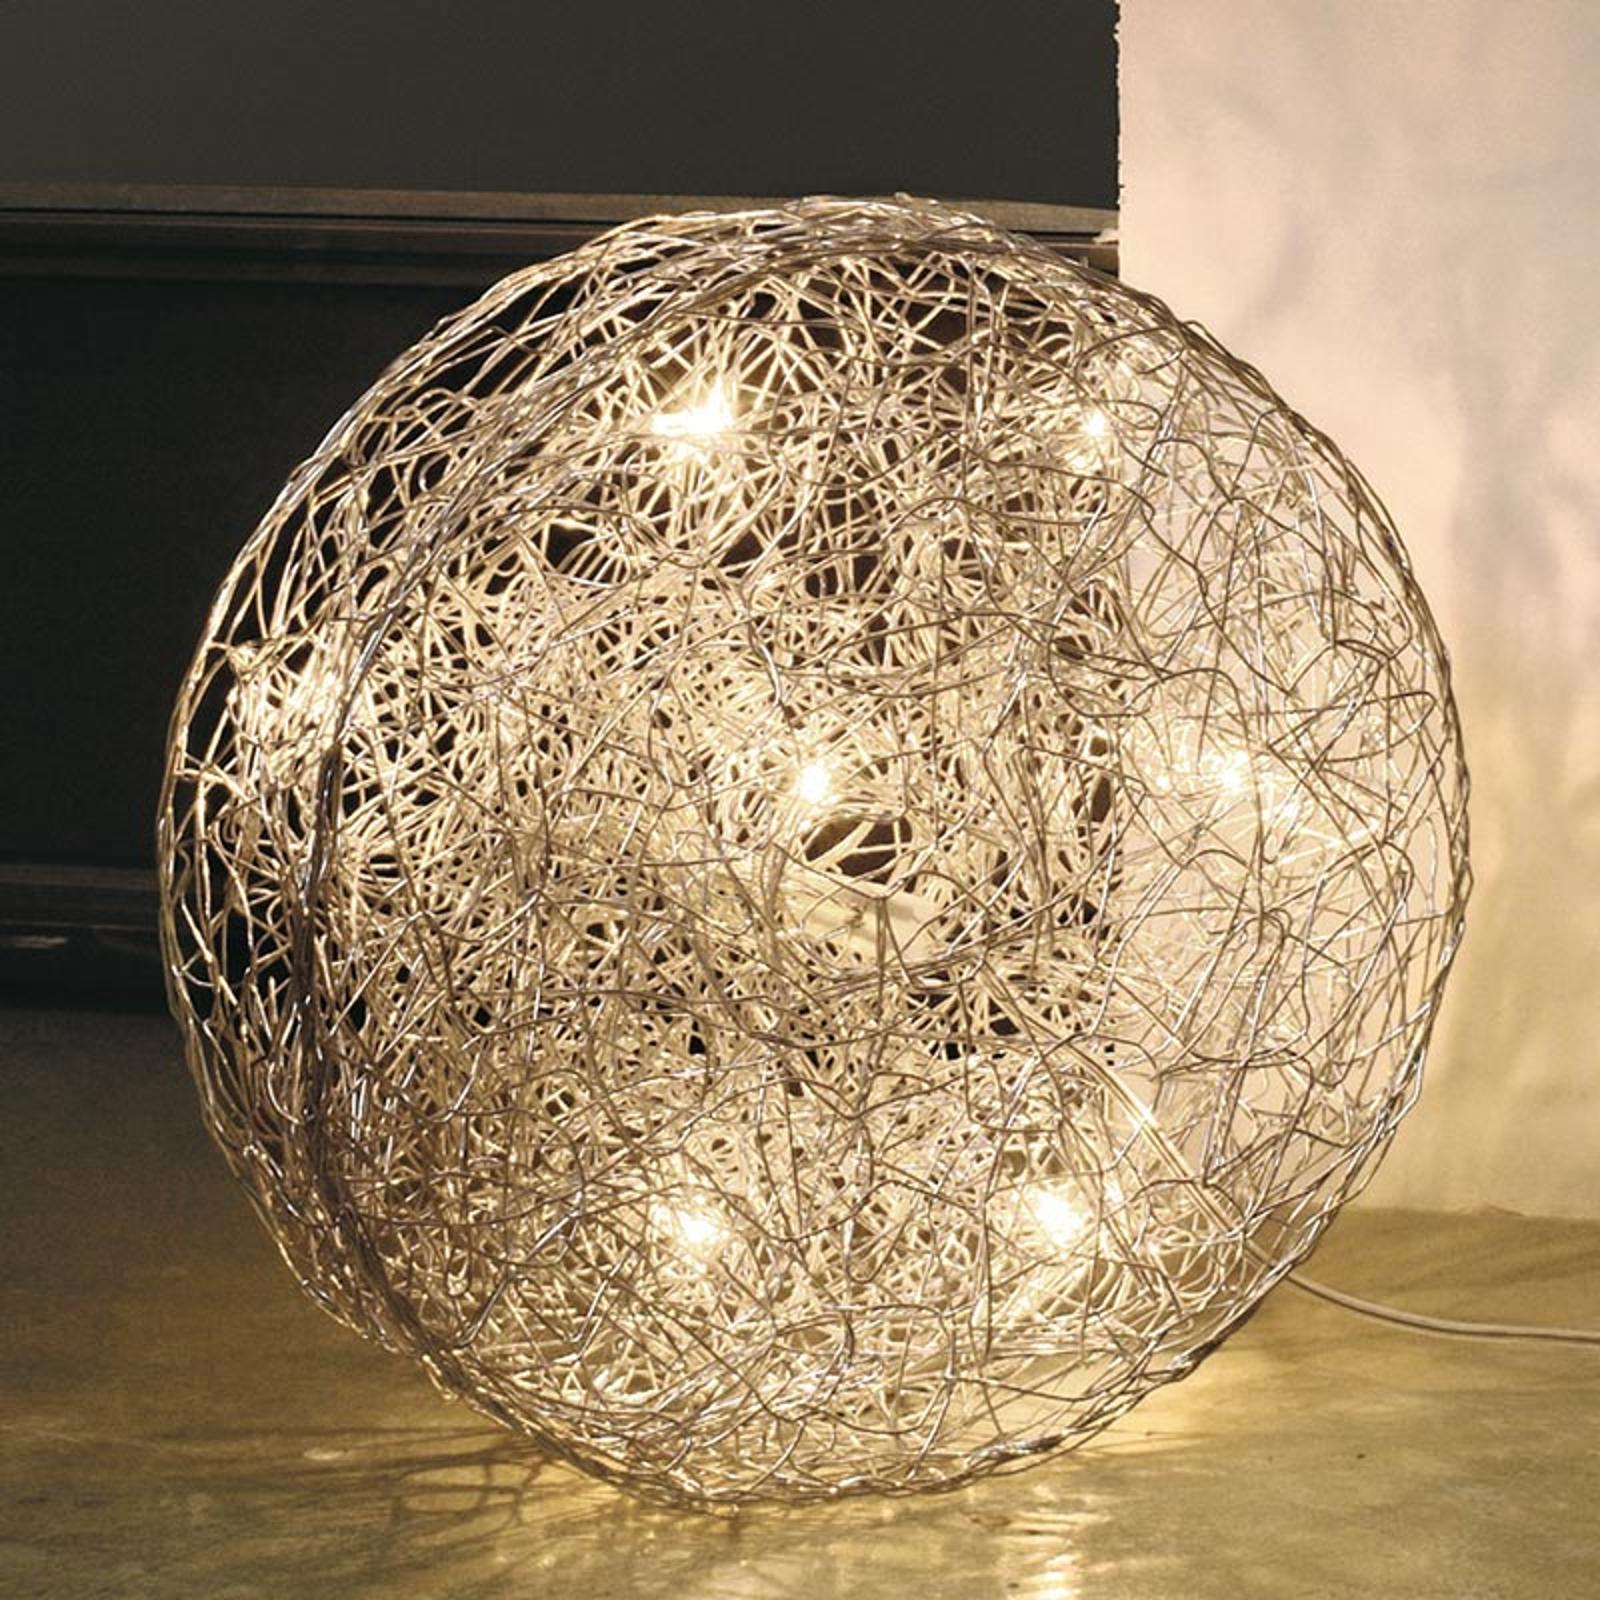 Rotola-design-lattiavalaisin, 40 cm halkaisija